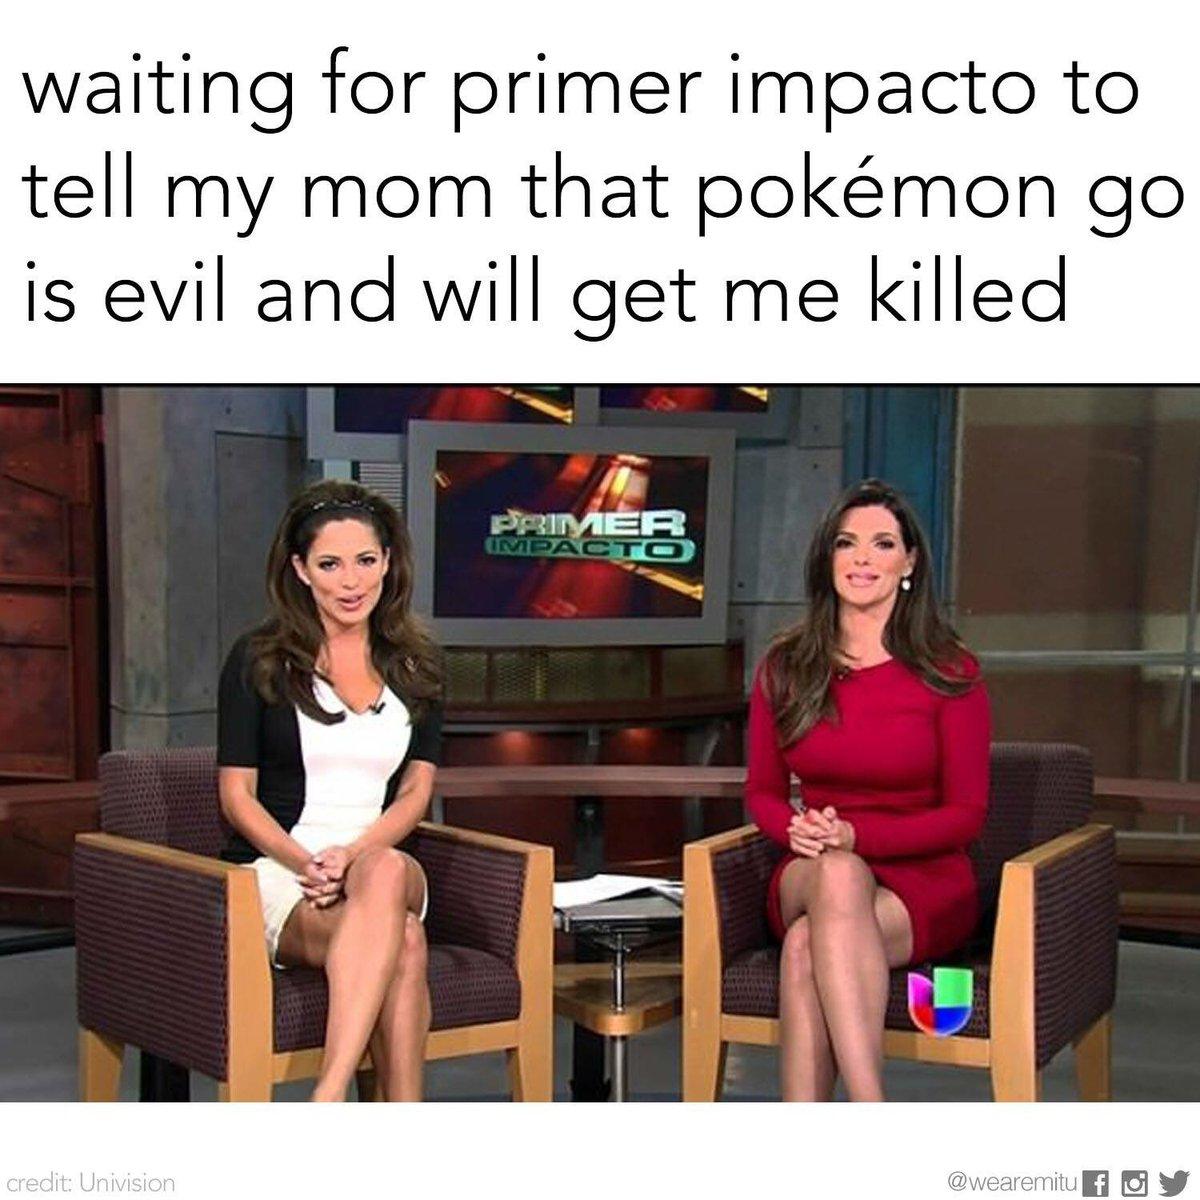 #PokemonGO #News